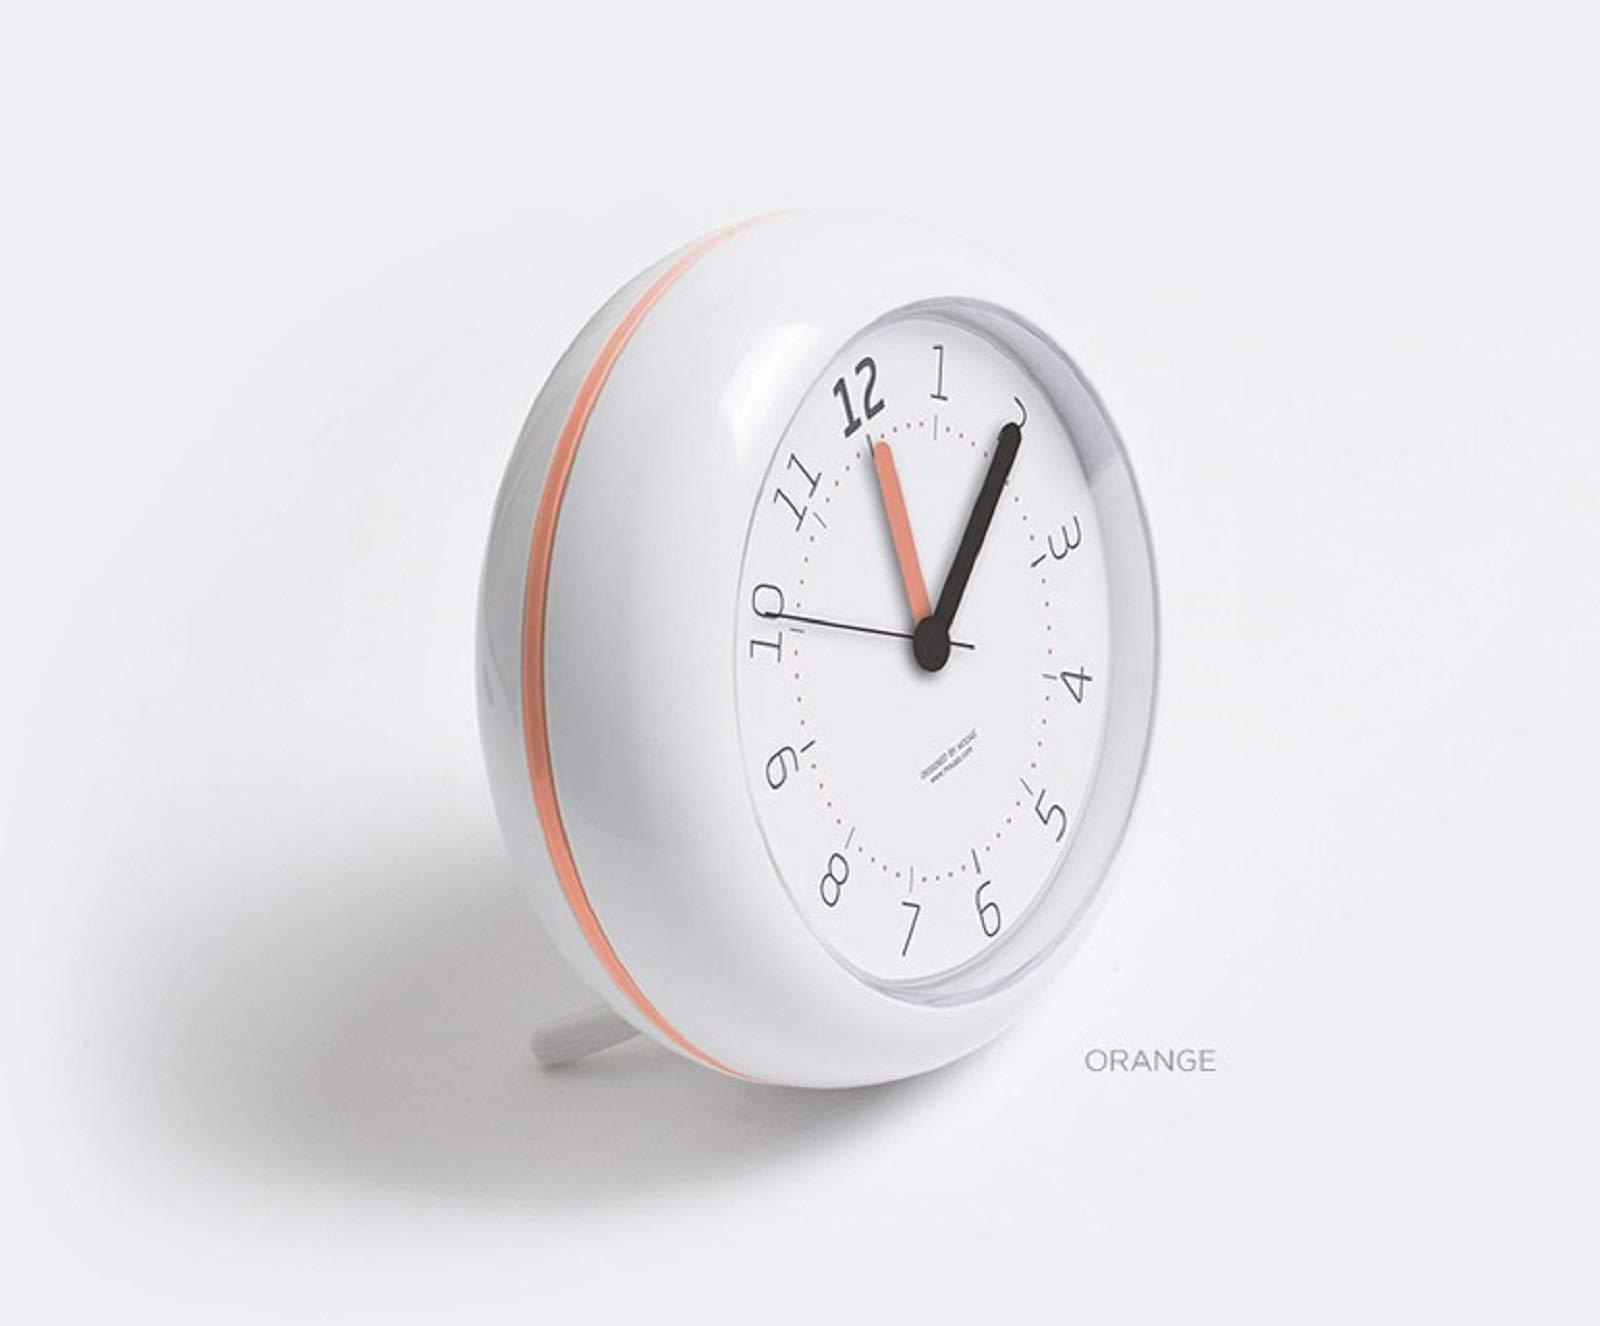 Mooas Waterproof Bathroom Shower Kitchen Desk Clock Silent Non Ticking Quartz Decorative Modern Round Clock 4.7'' (Orange) by Mooas